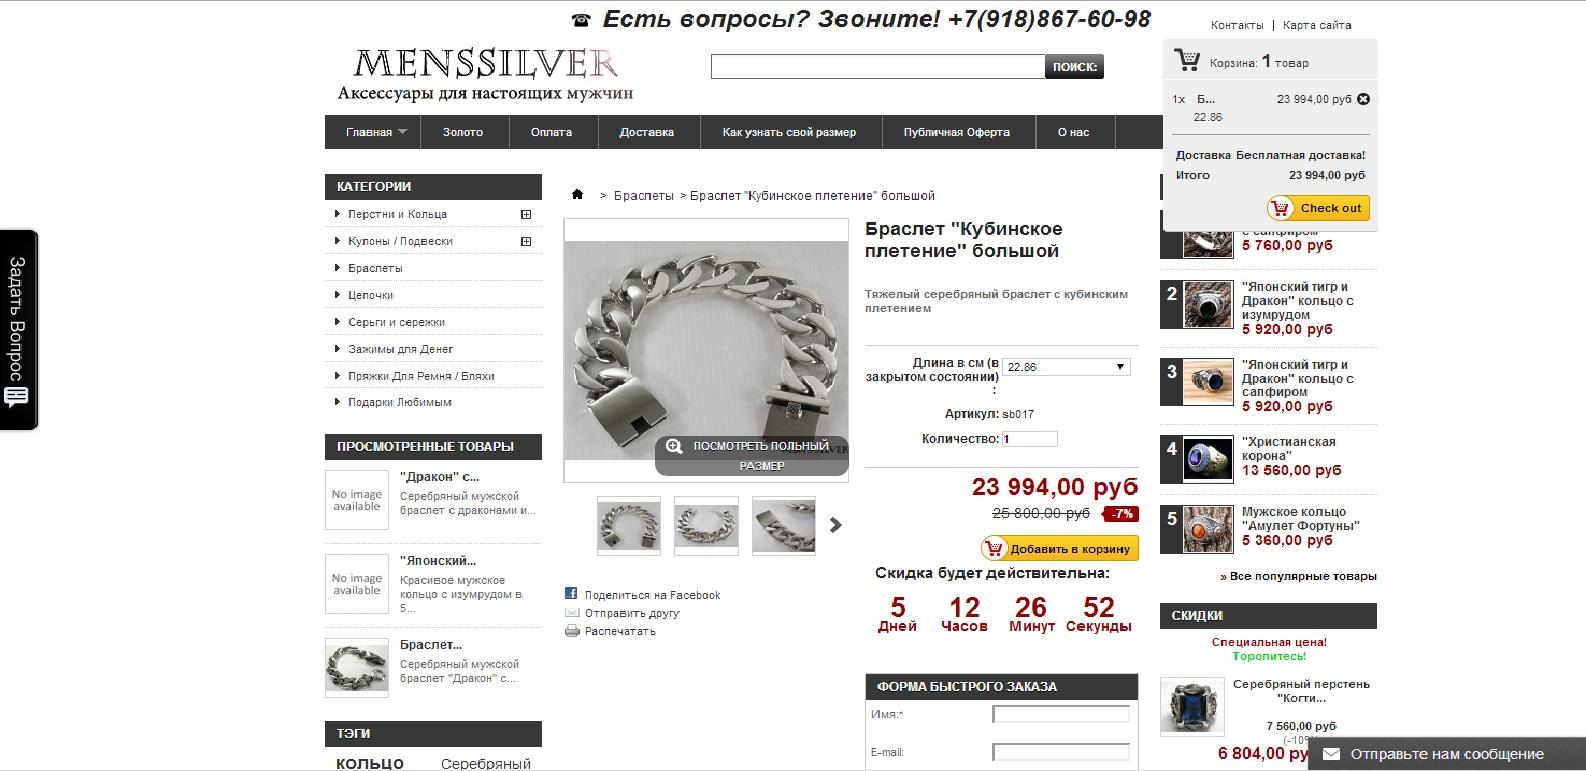 Купить серебряный браслет в магазине menssilver.ru